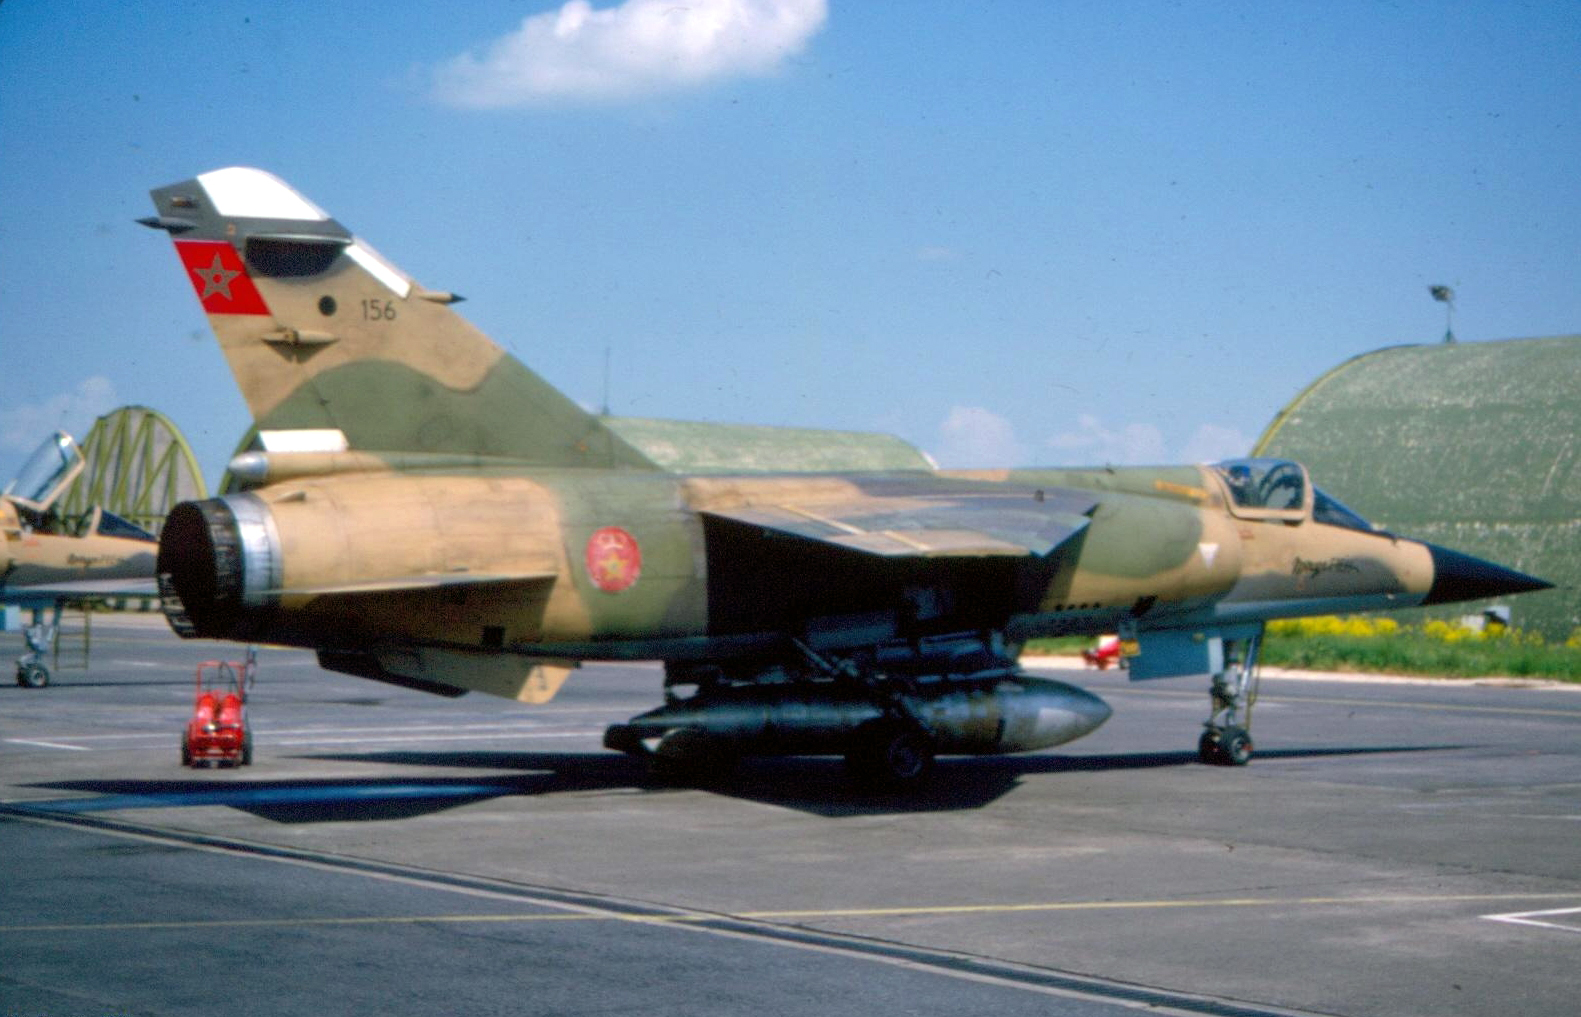 القوات الجوية الملكية المغربية - متجدد - - صفحة 2 15072005245795851